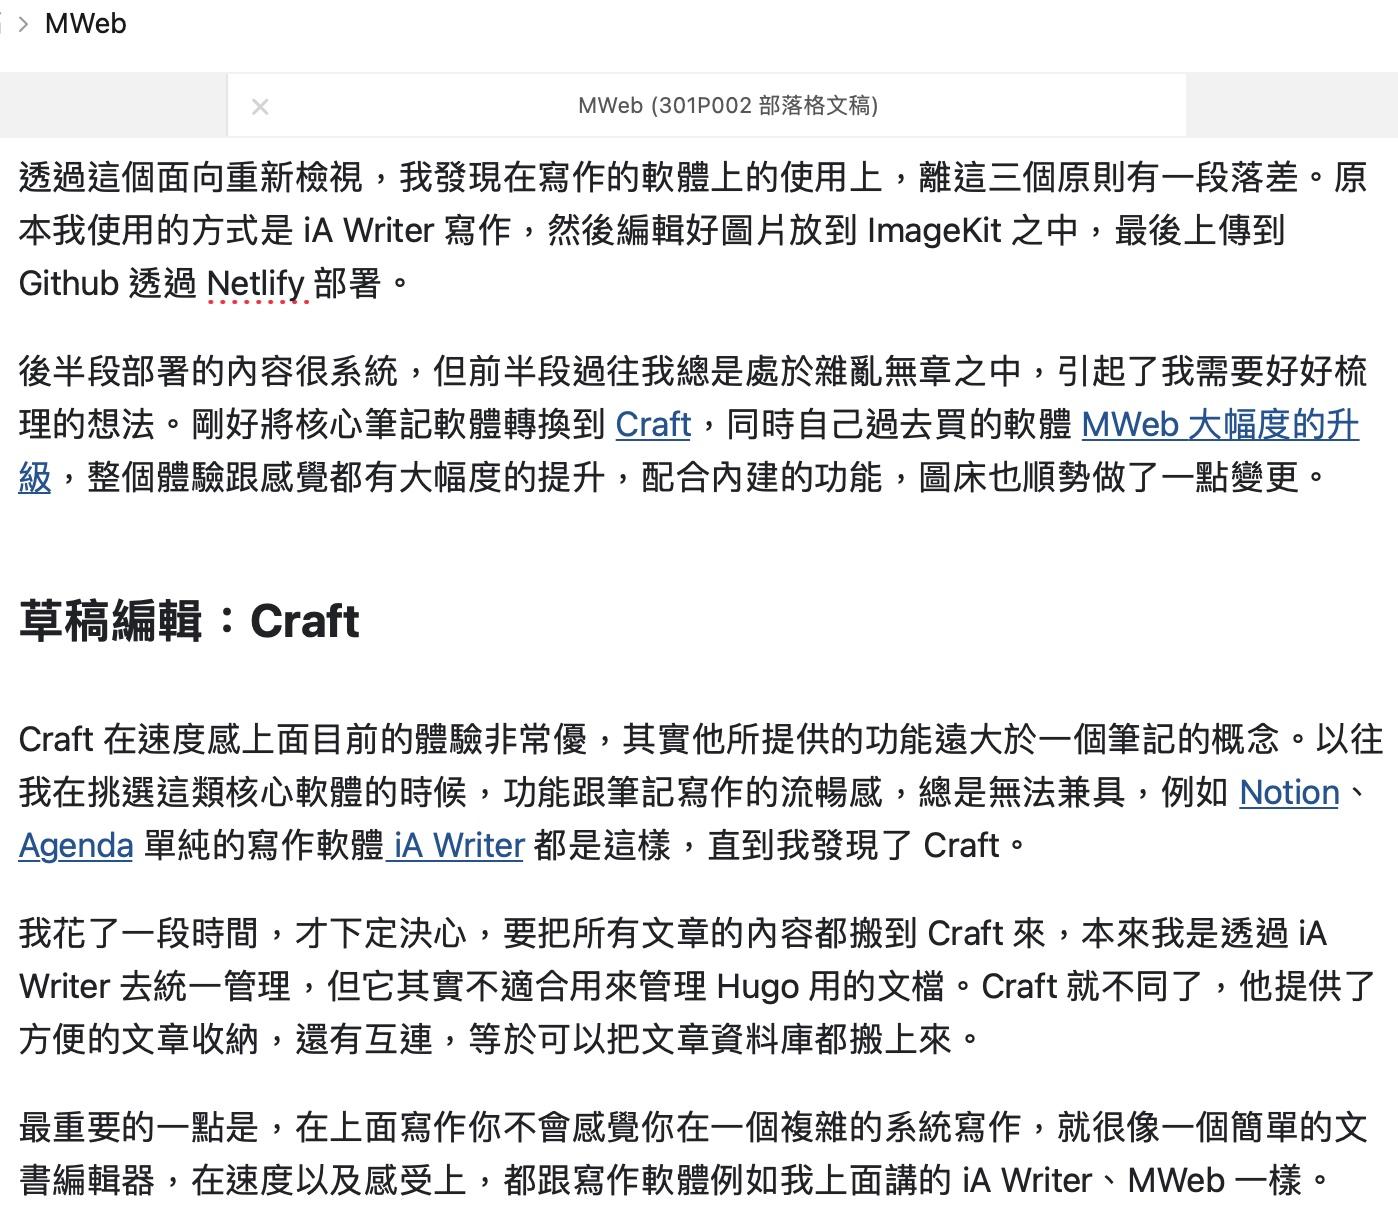 Craft 的頁面非常適合寫作